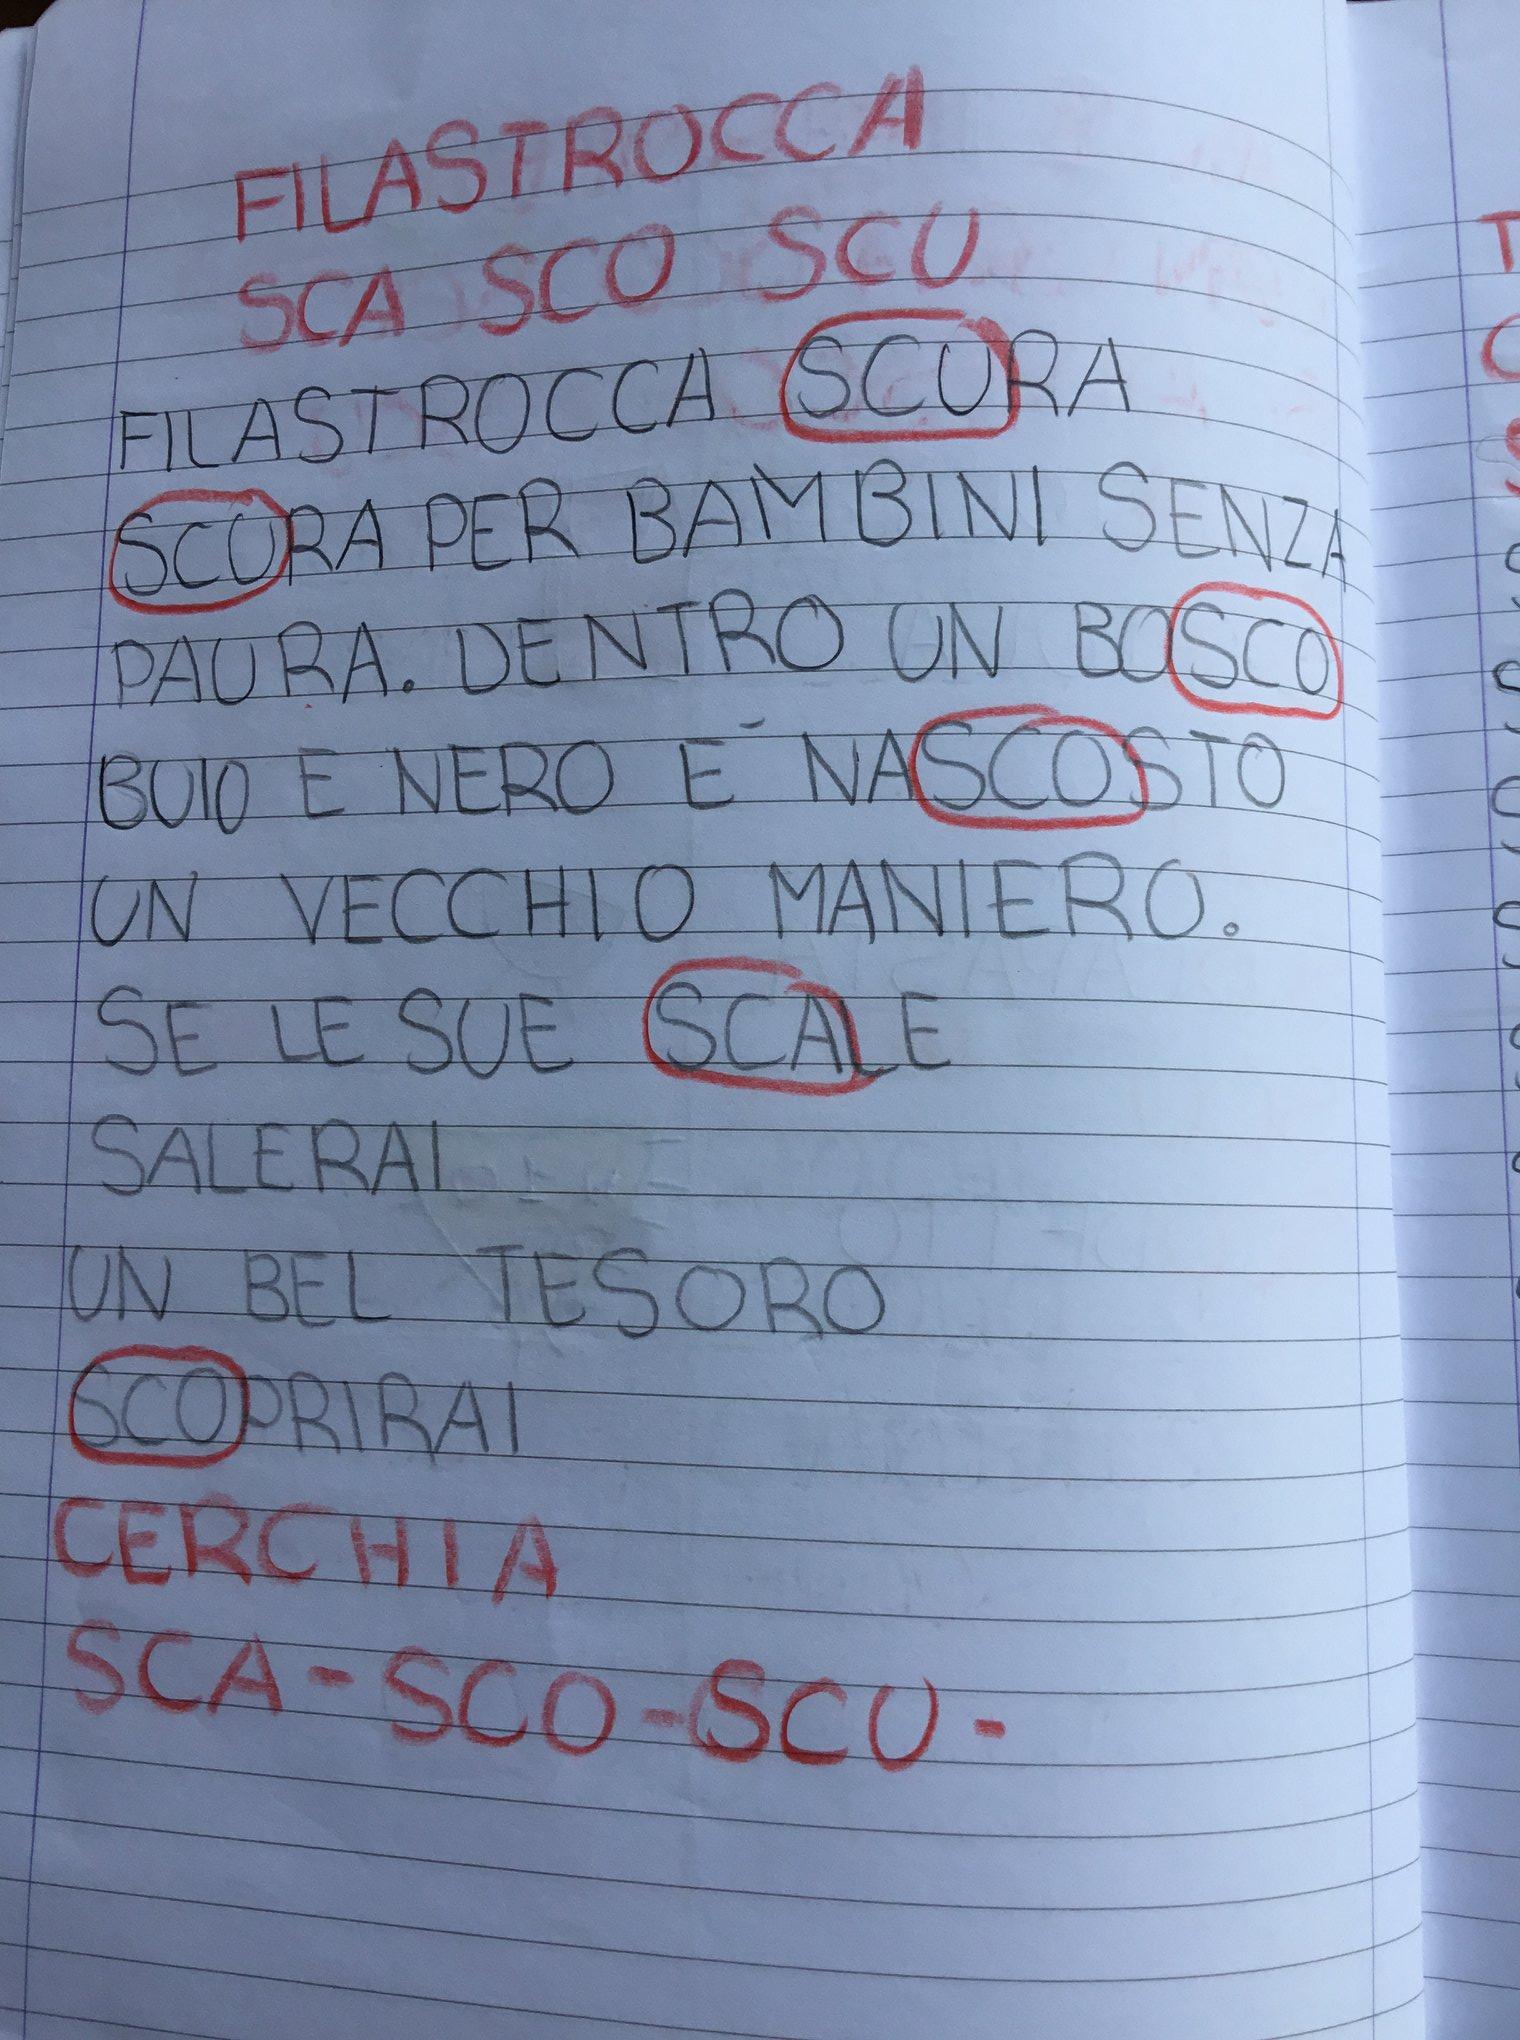 Italiano classe 1 sca sco scu sci sce blog di for Dettato con sca sco scu